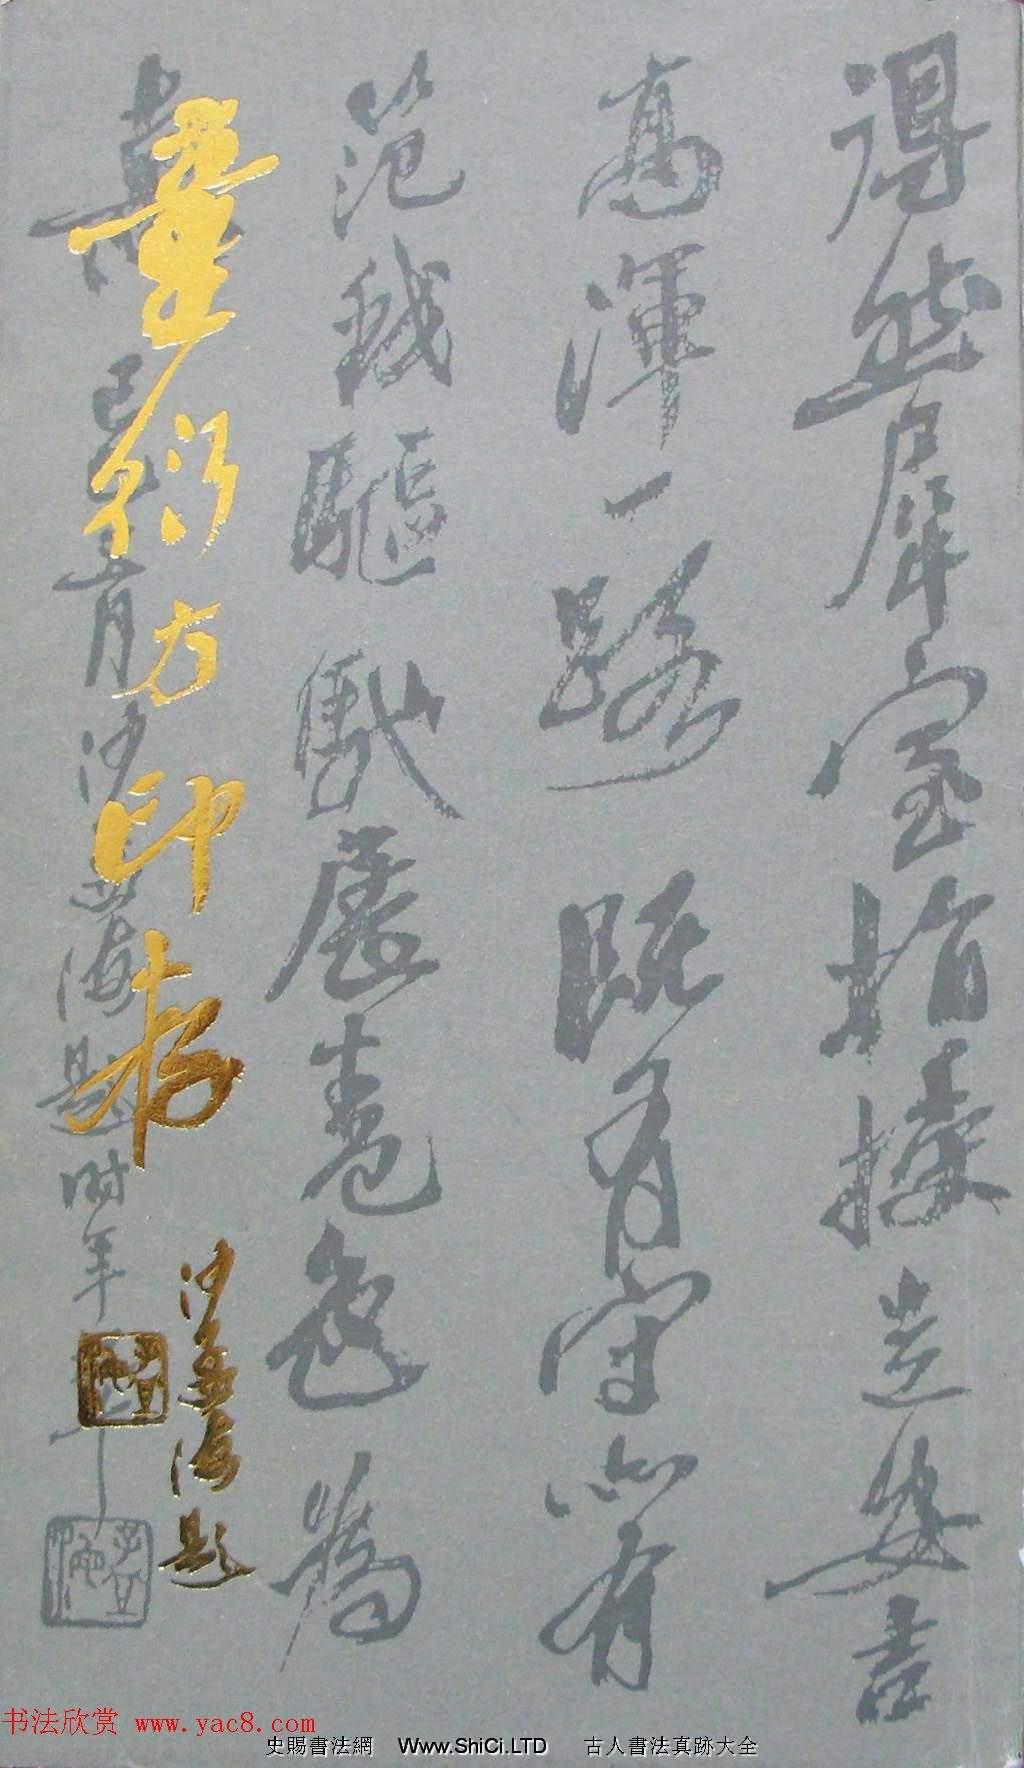 童衍方篆刻作品真跡集欣賞《童衍方印存》(共96張圖片)